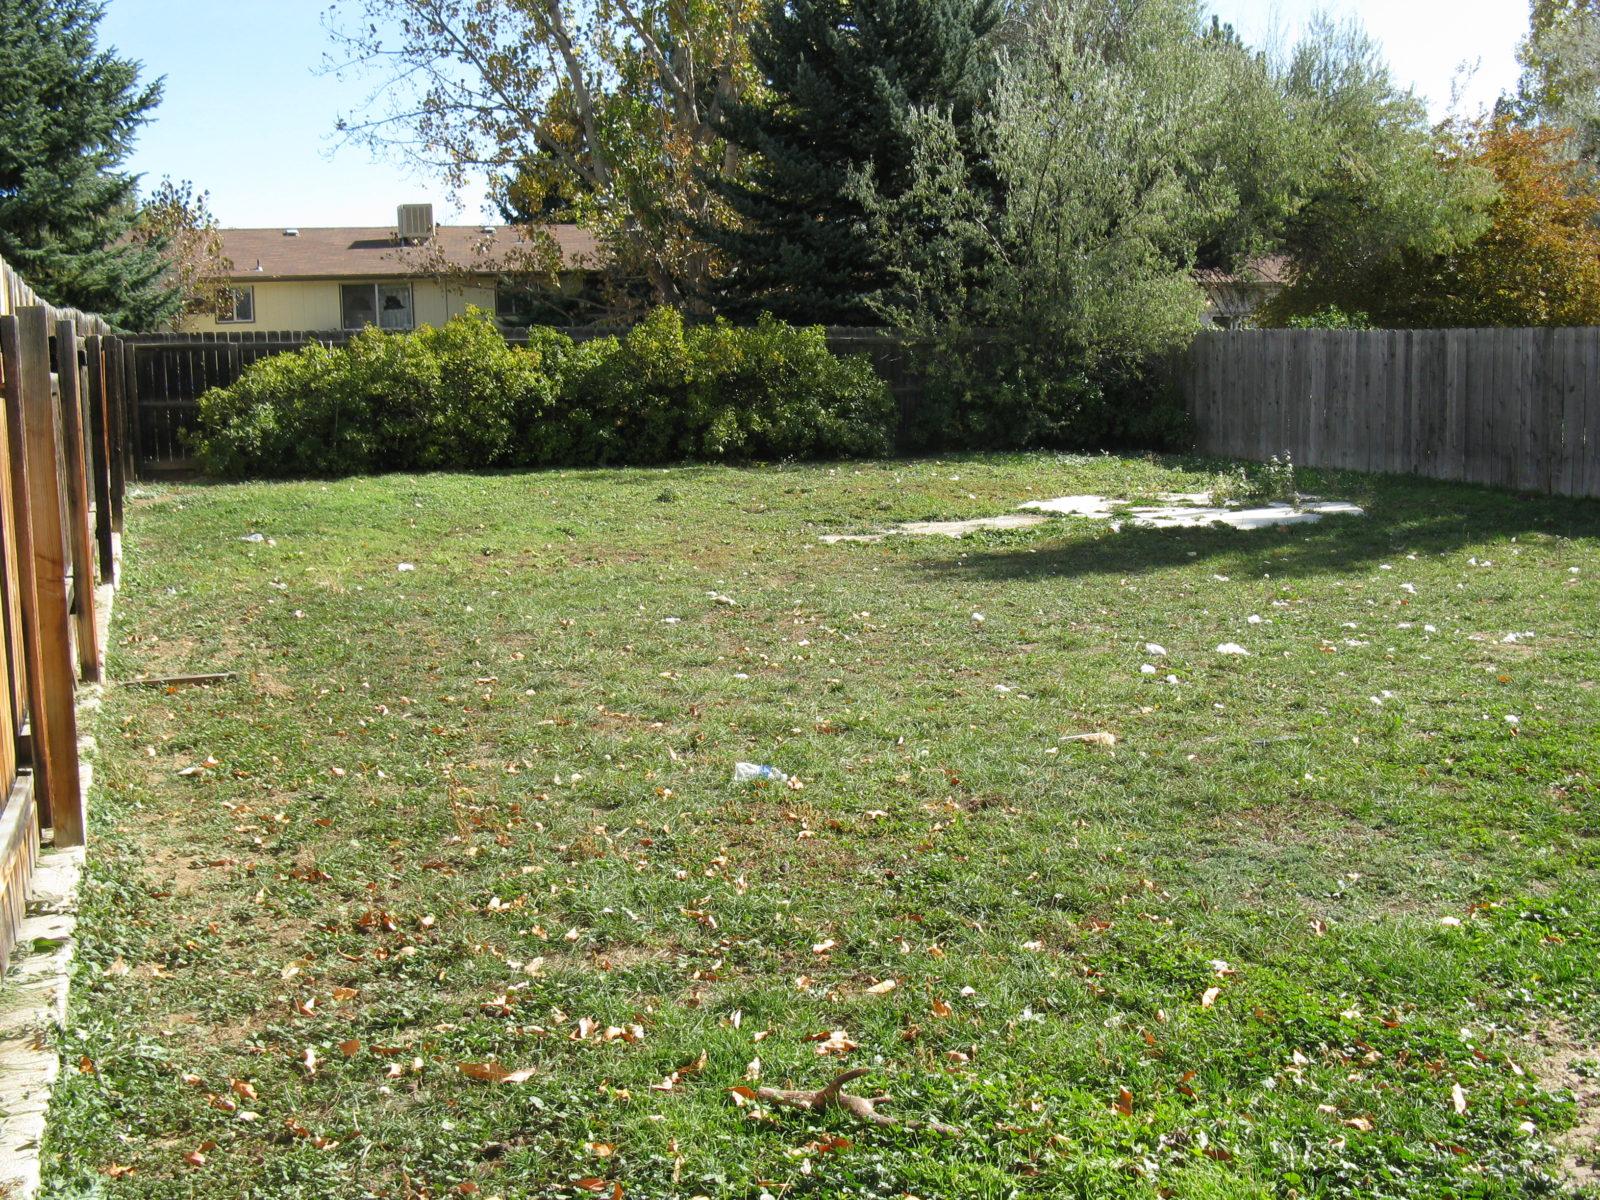 2168 Dexter: Fenced In Backyard